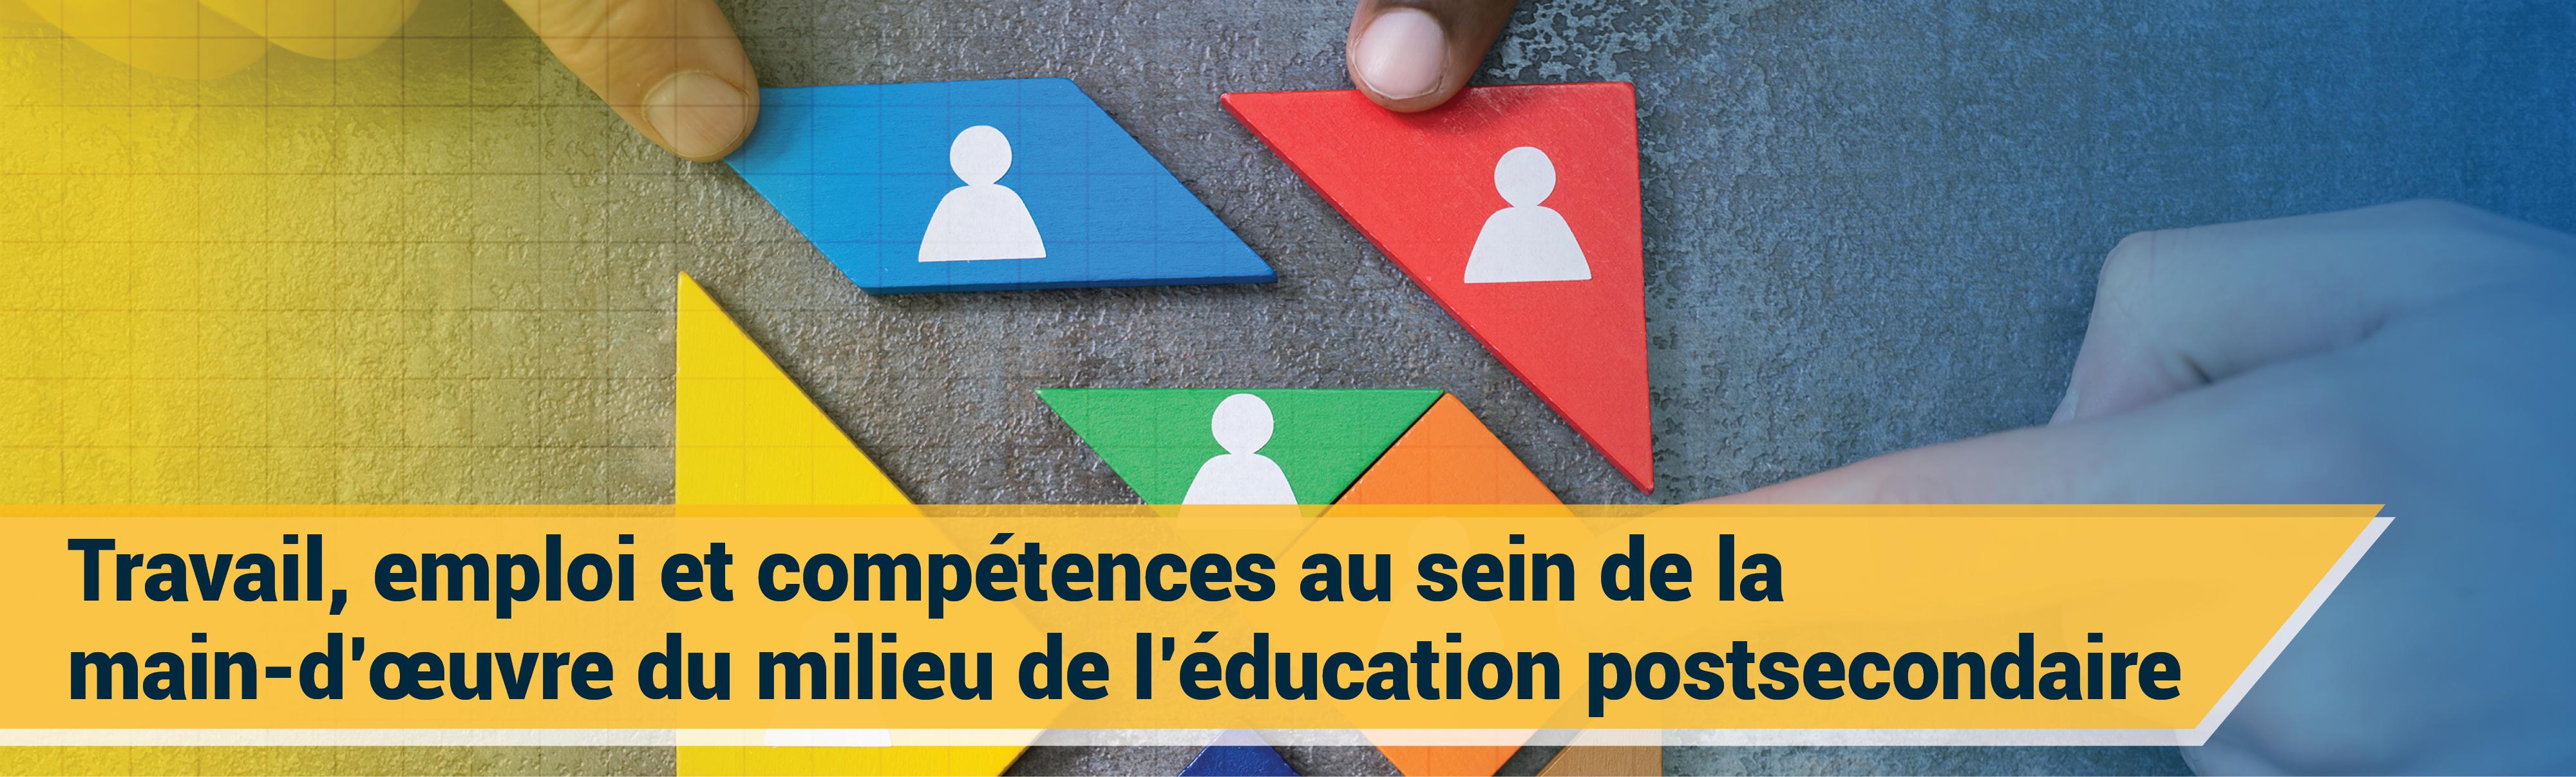 Travail, emploi et compétences au sein de la main d'oeuvre du milieu de l'éducation postsecondaire